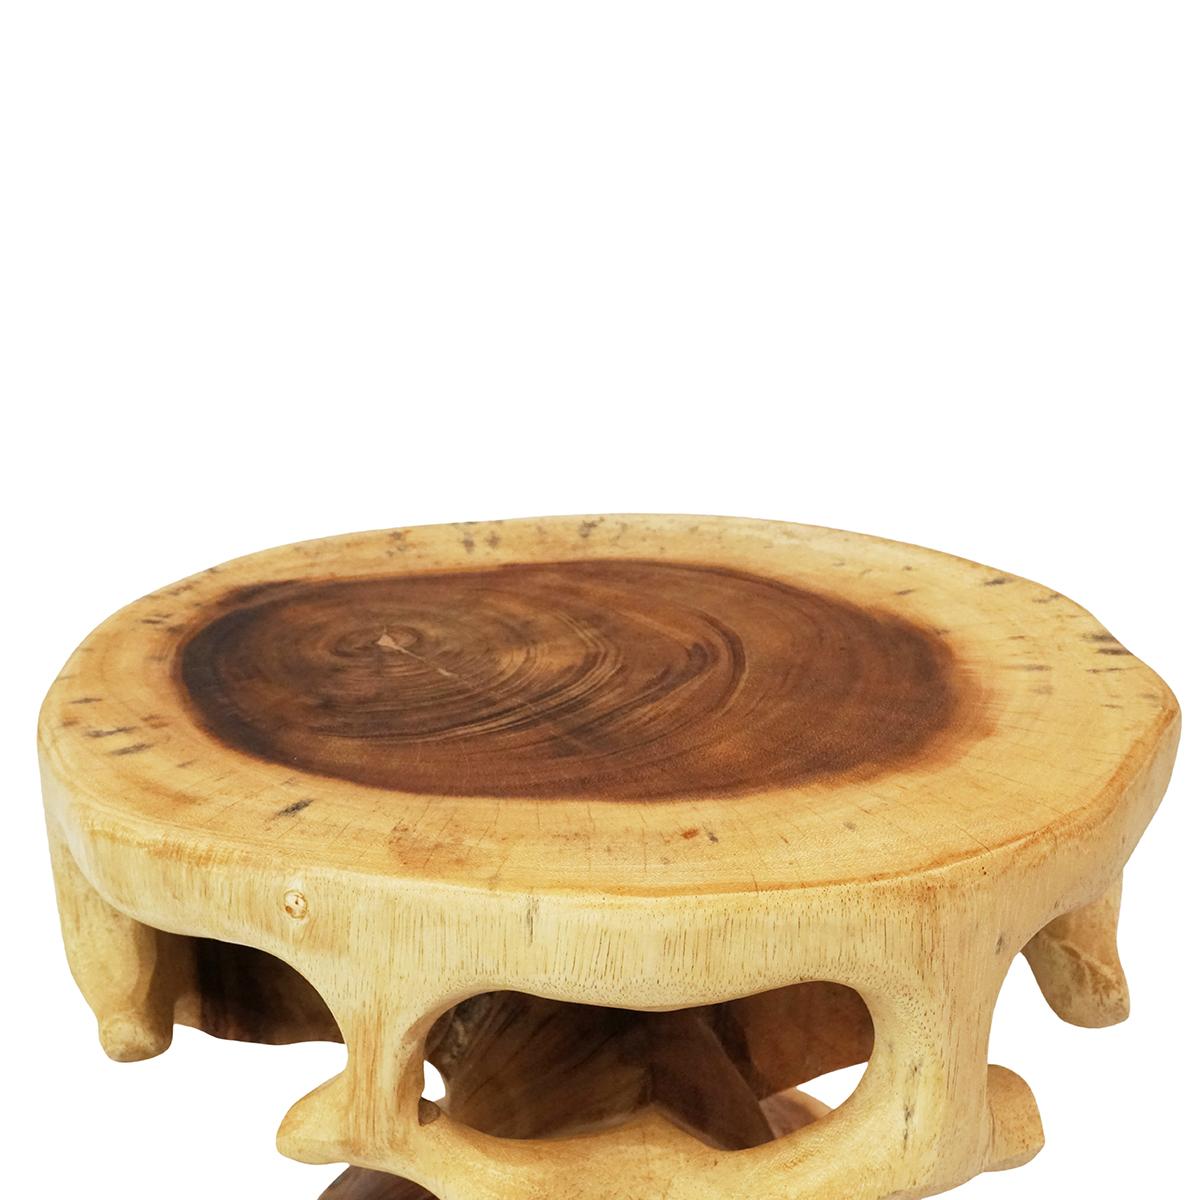 Saman-Holz Rundhocker Natur Möbel ca. 40 cm Blumenhocker Holzhocker Massiv Unikat Beistelltisch Ablagetisch – Bild 3